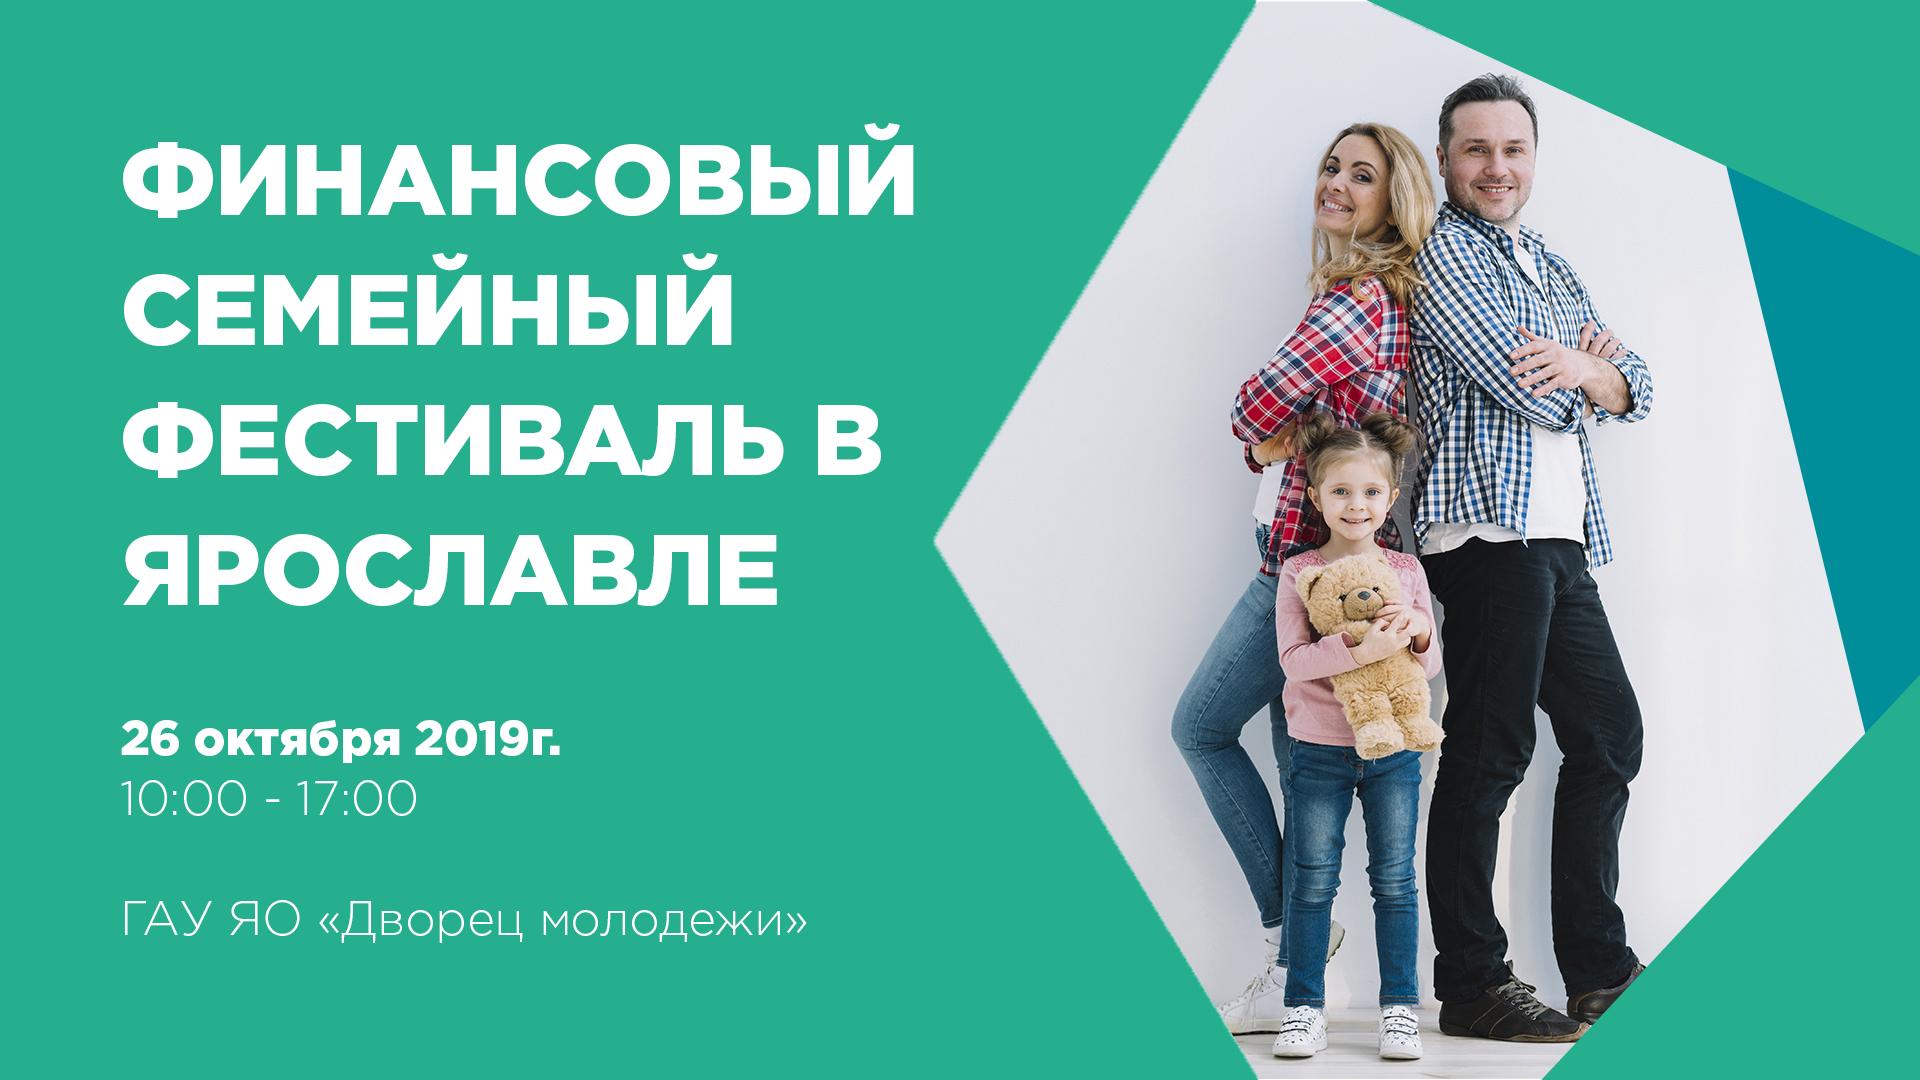 Фестиваль мероприятий по финансовой грамотности впервые пройдет на единой площадке региона